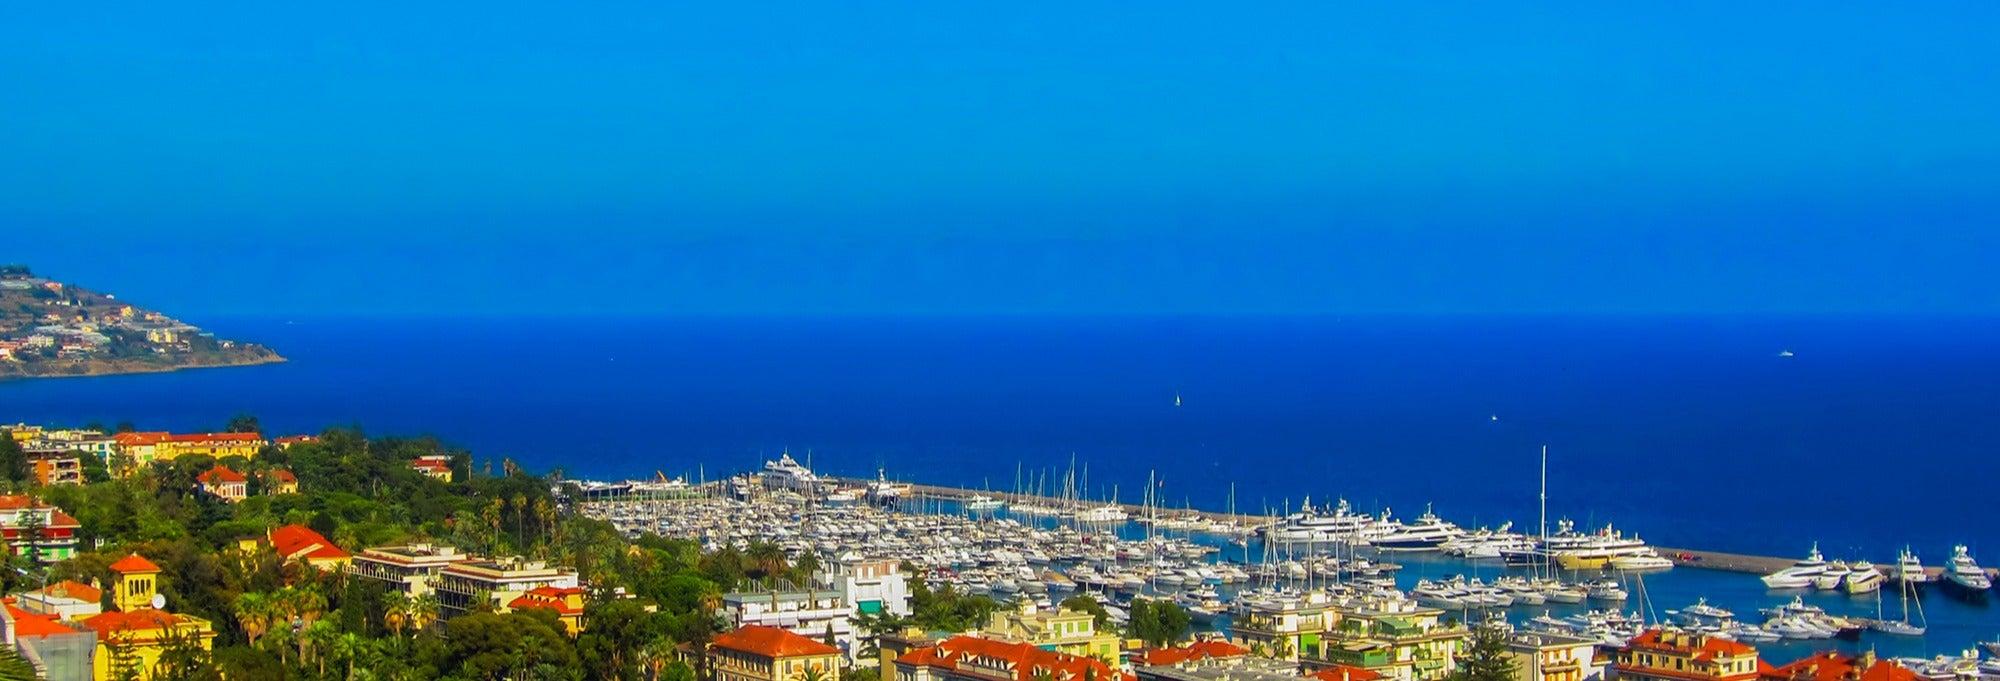 Excursão a Sanremo e Dolceacqua